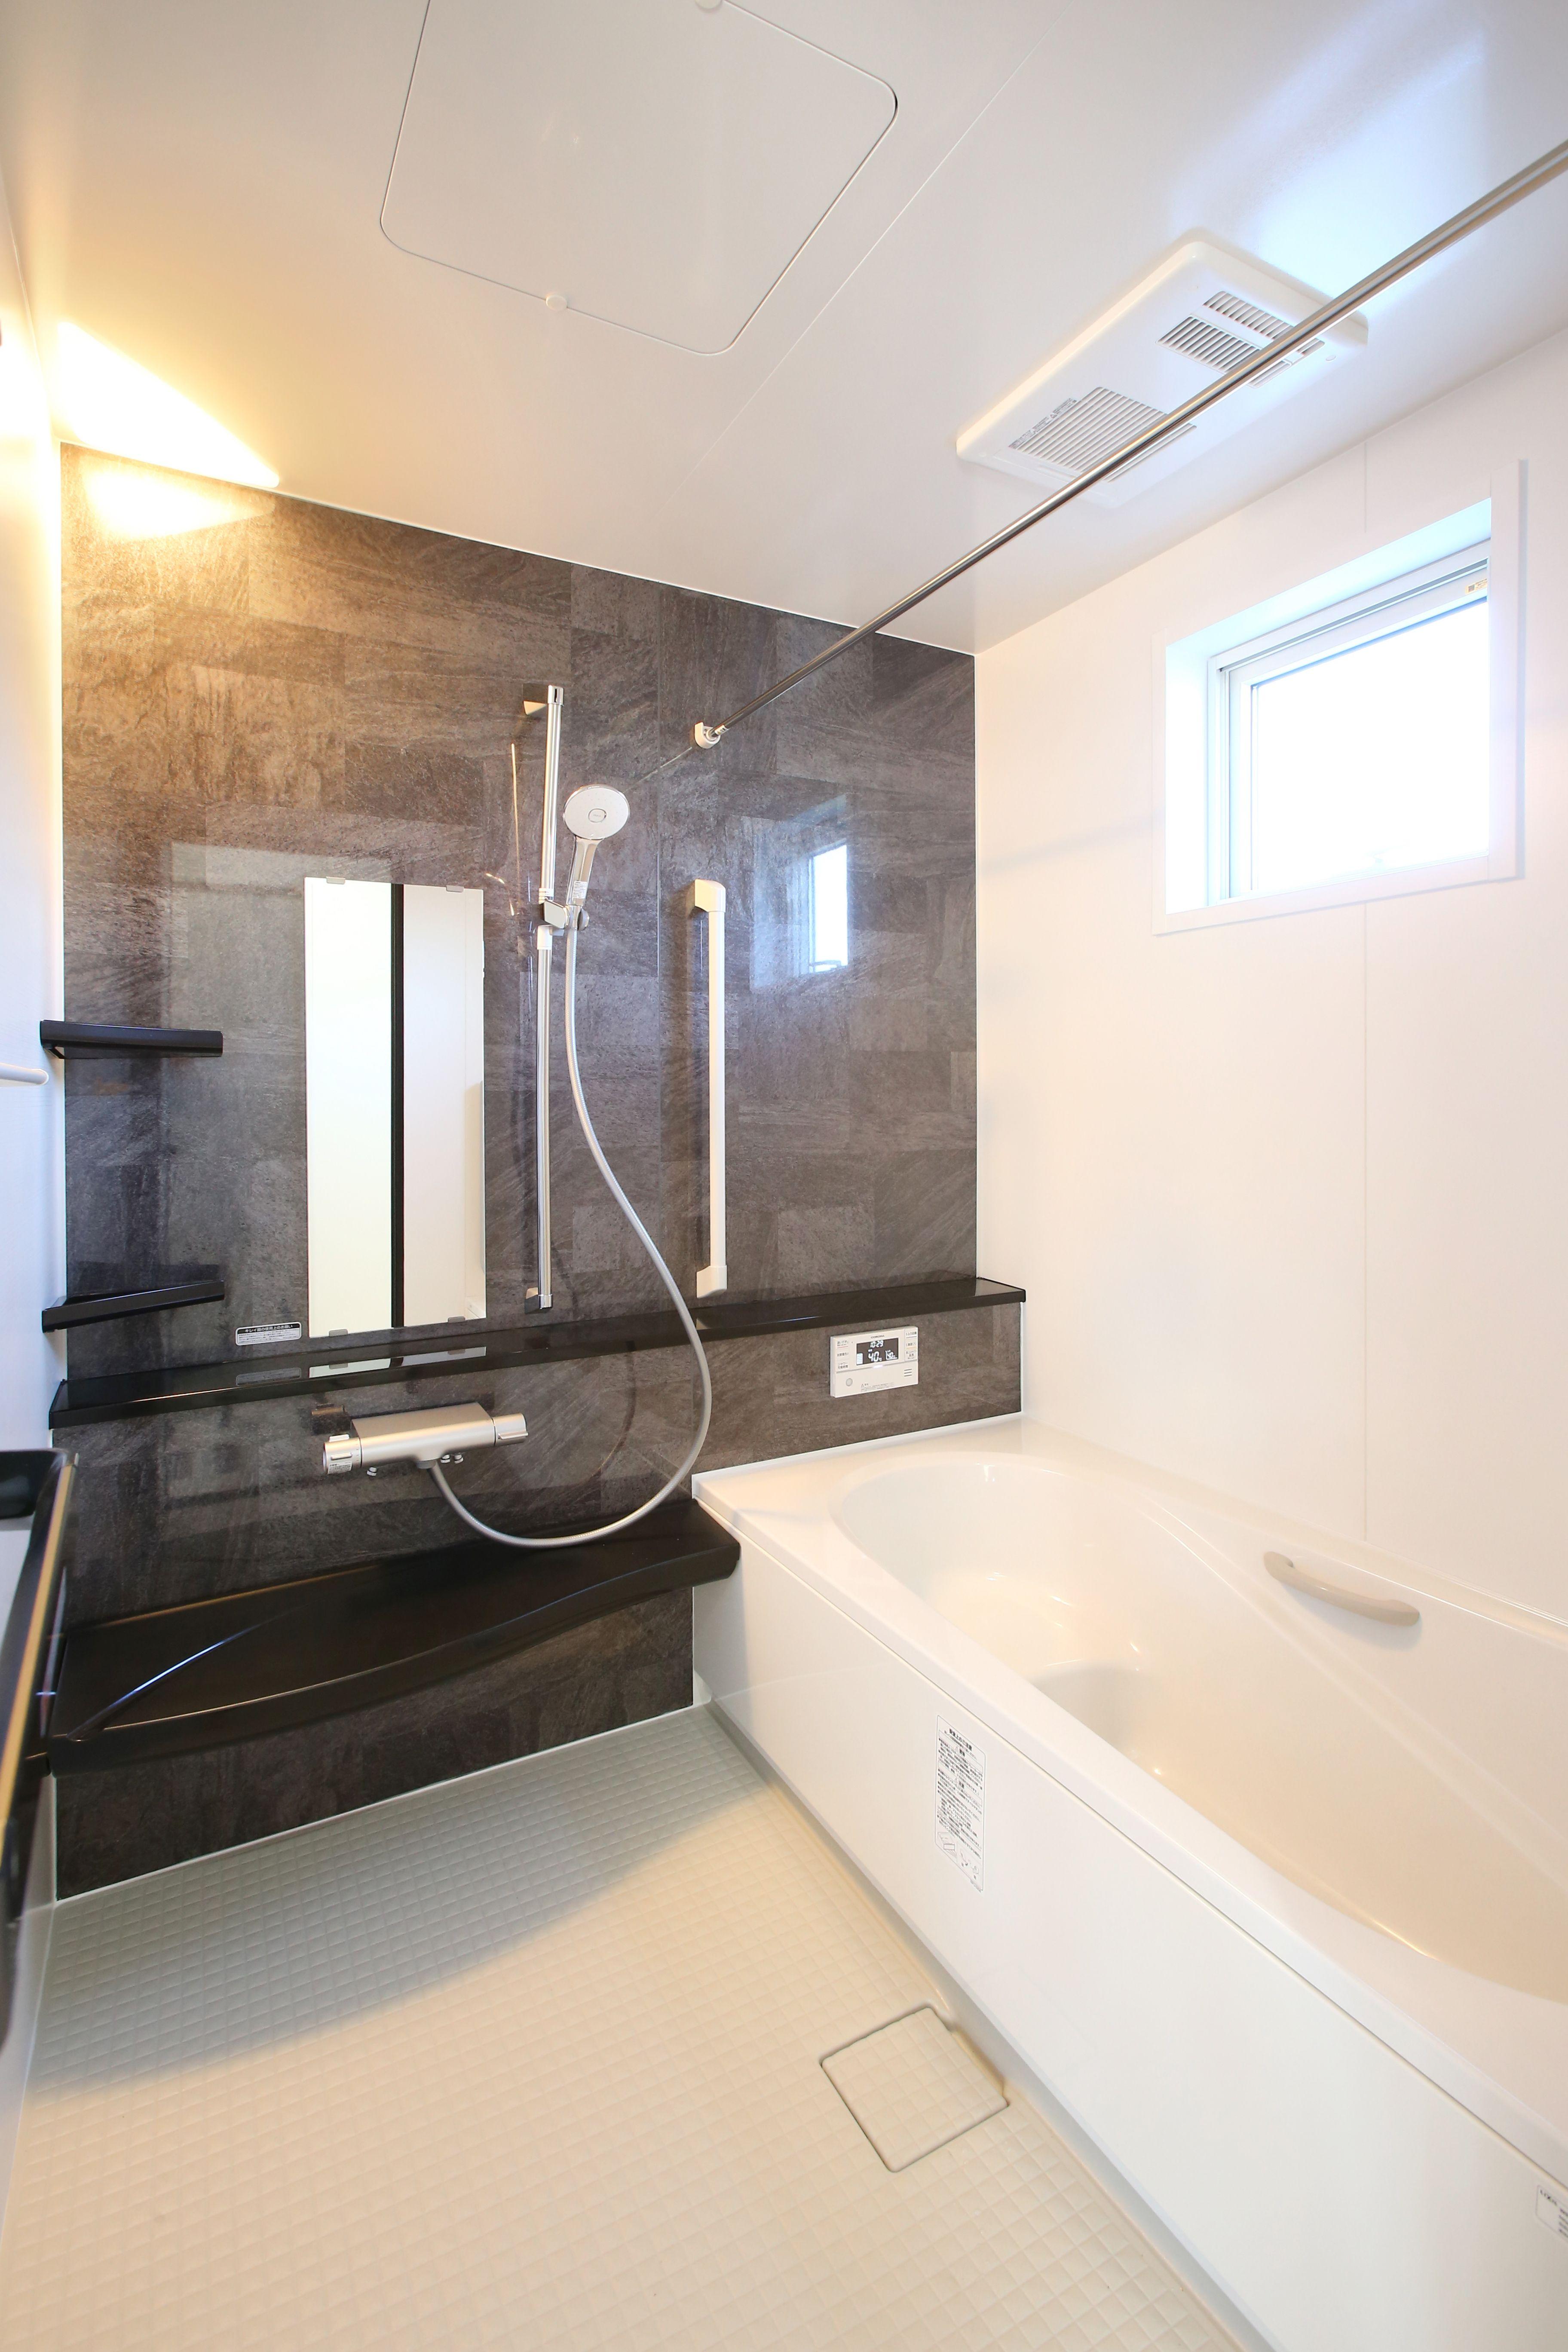 石目調グレーのアクセントパネルでかっこいい雰囲気のお風呂に 建築